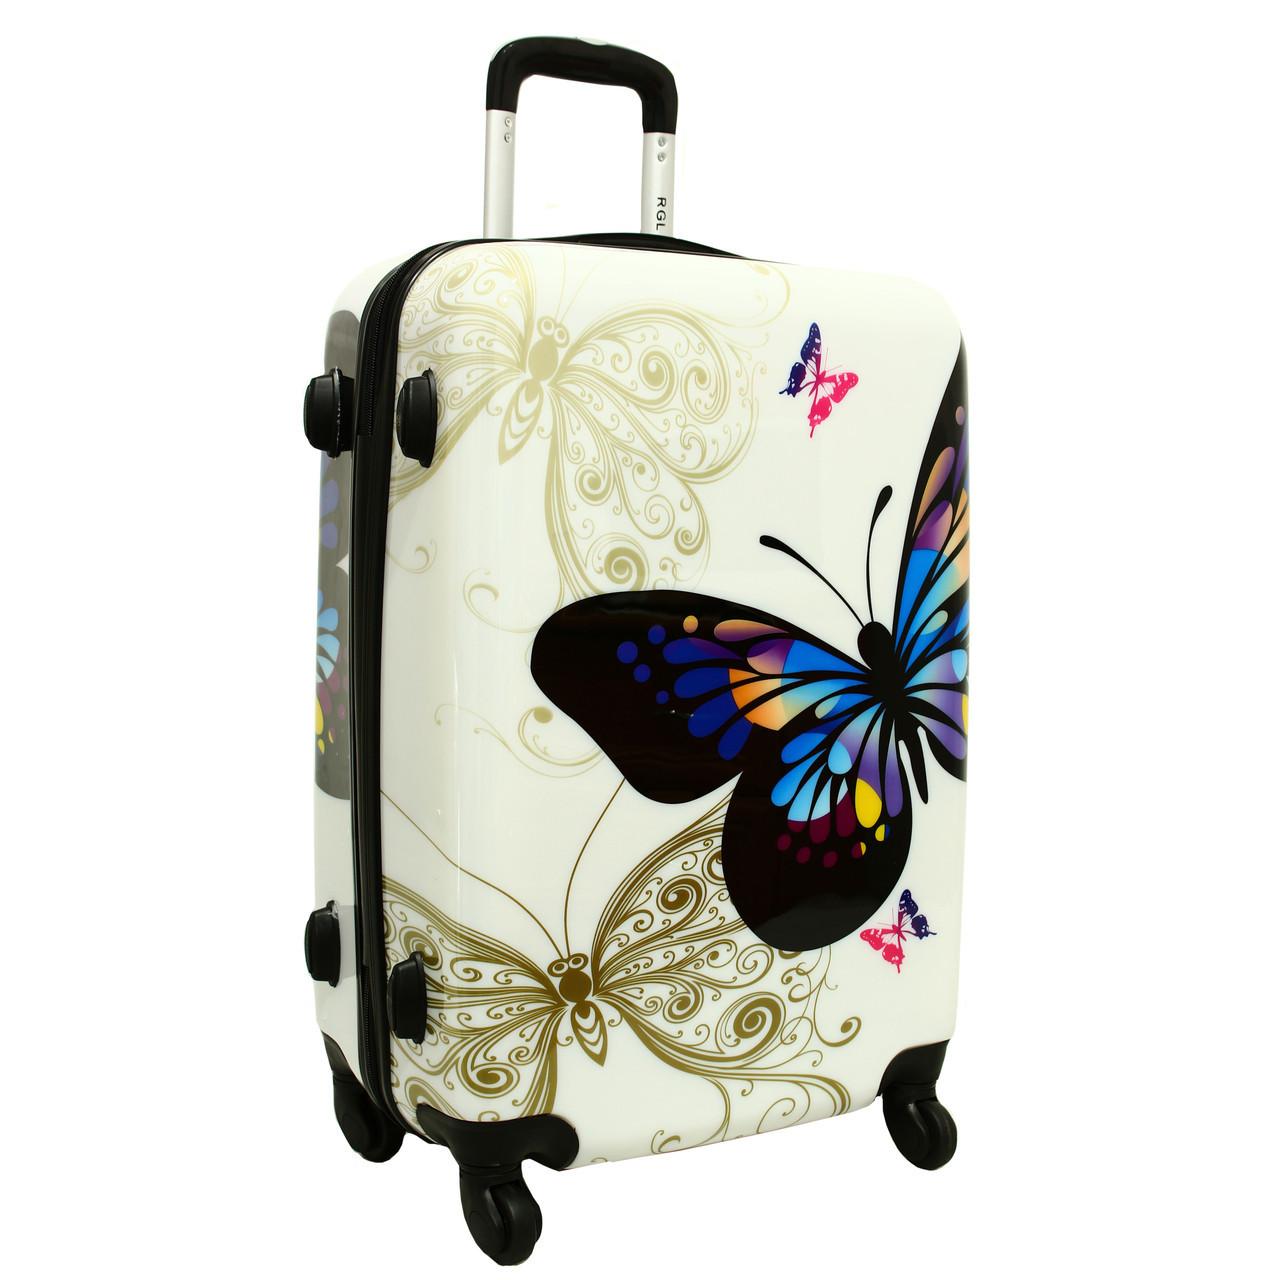 490283ef91b4 Чемодан сумка RGL (средний) бабочка - Интернет-магазин ПОЛЬ в Одессе